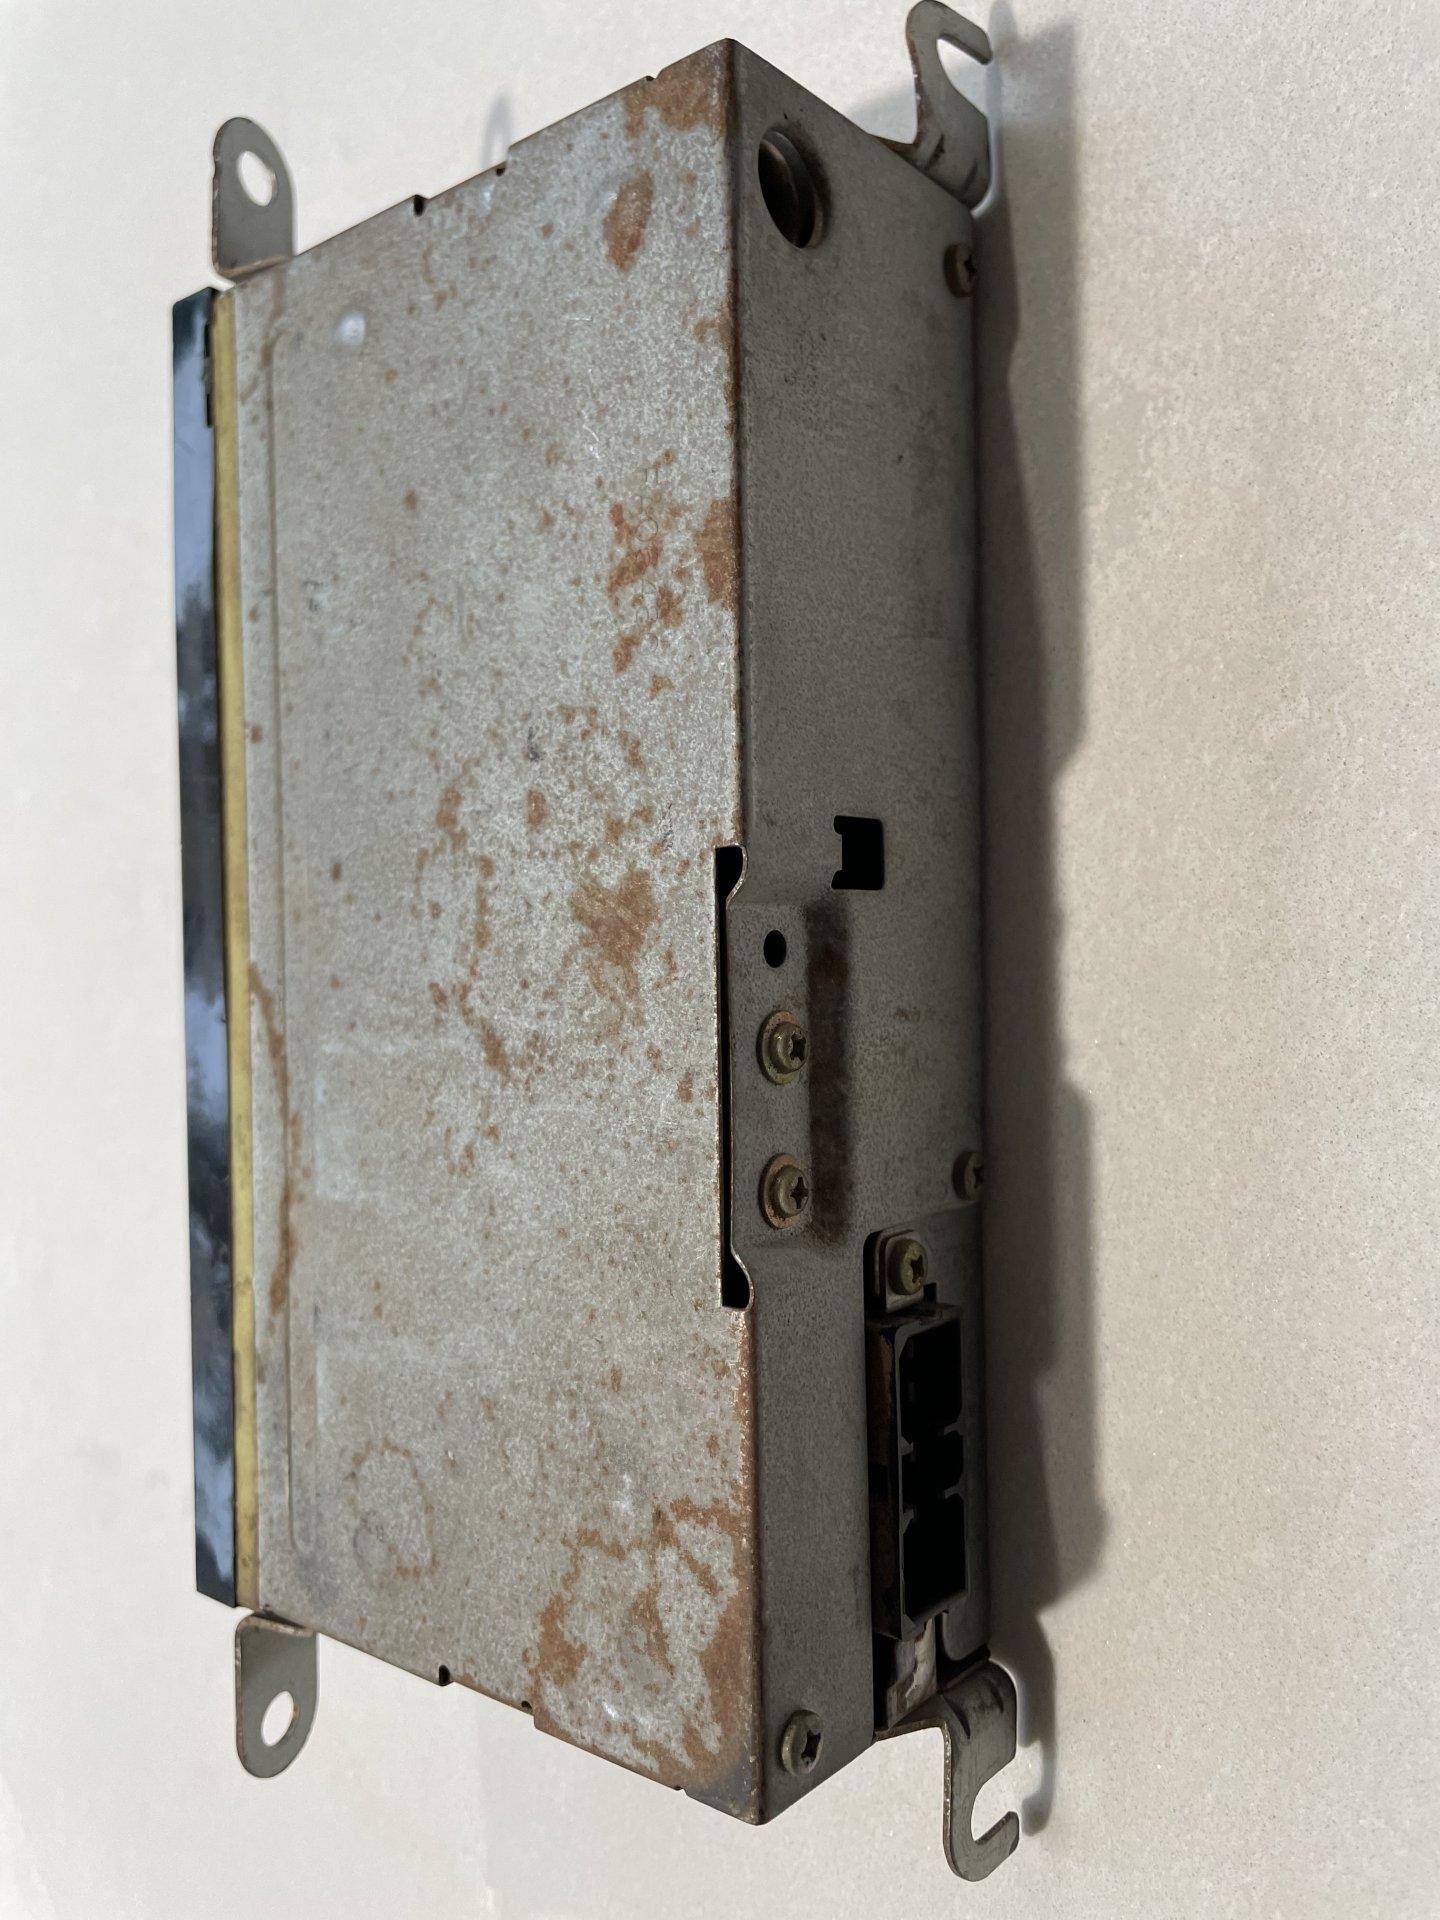 2C06BA10-31AD-4362-8D7F-AD5898739A52.jpeg